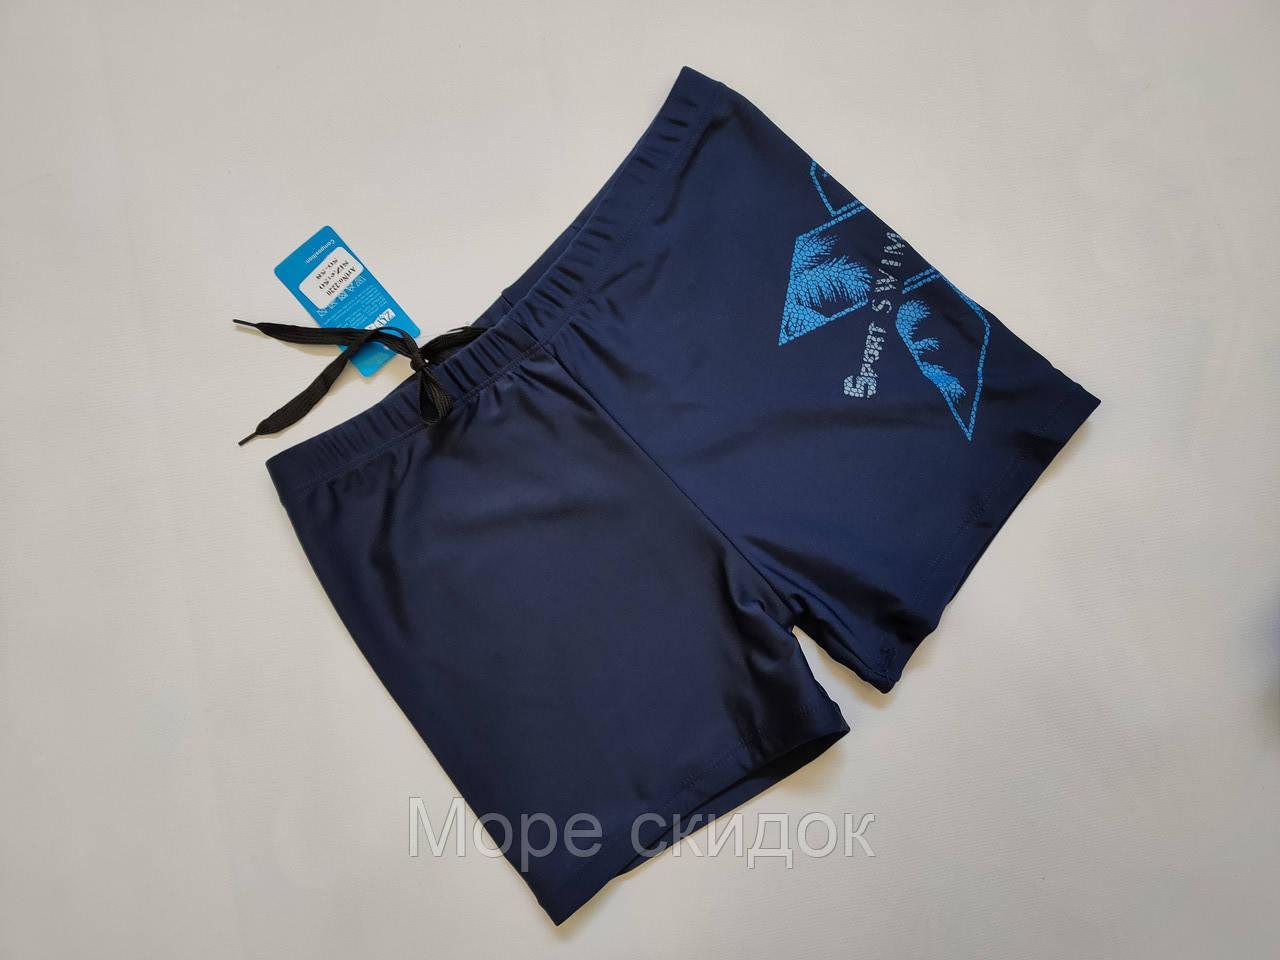 Шорты-плавки мужские Z.FIVE 2220 Анатолий синий (в наличии  50 52 54 56 58  размеры)